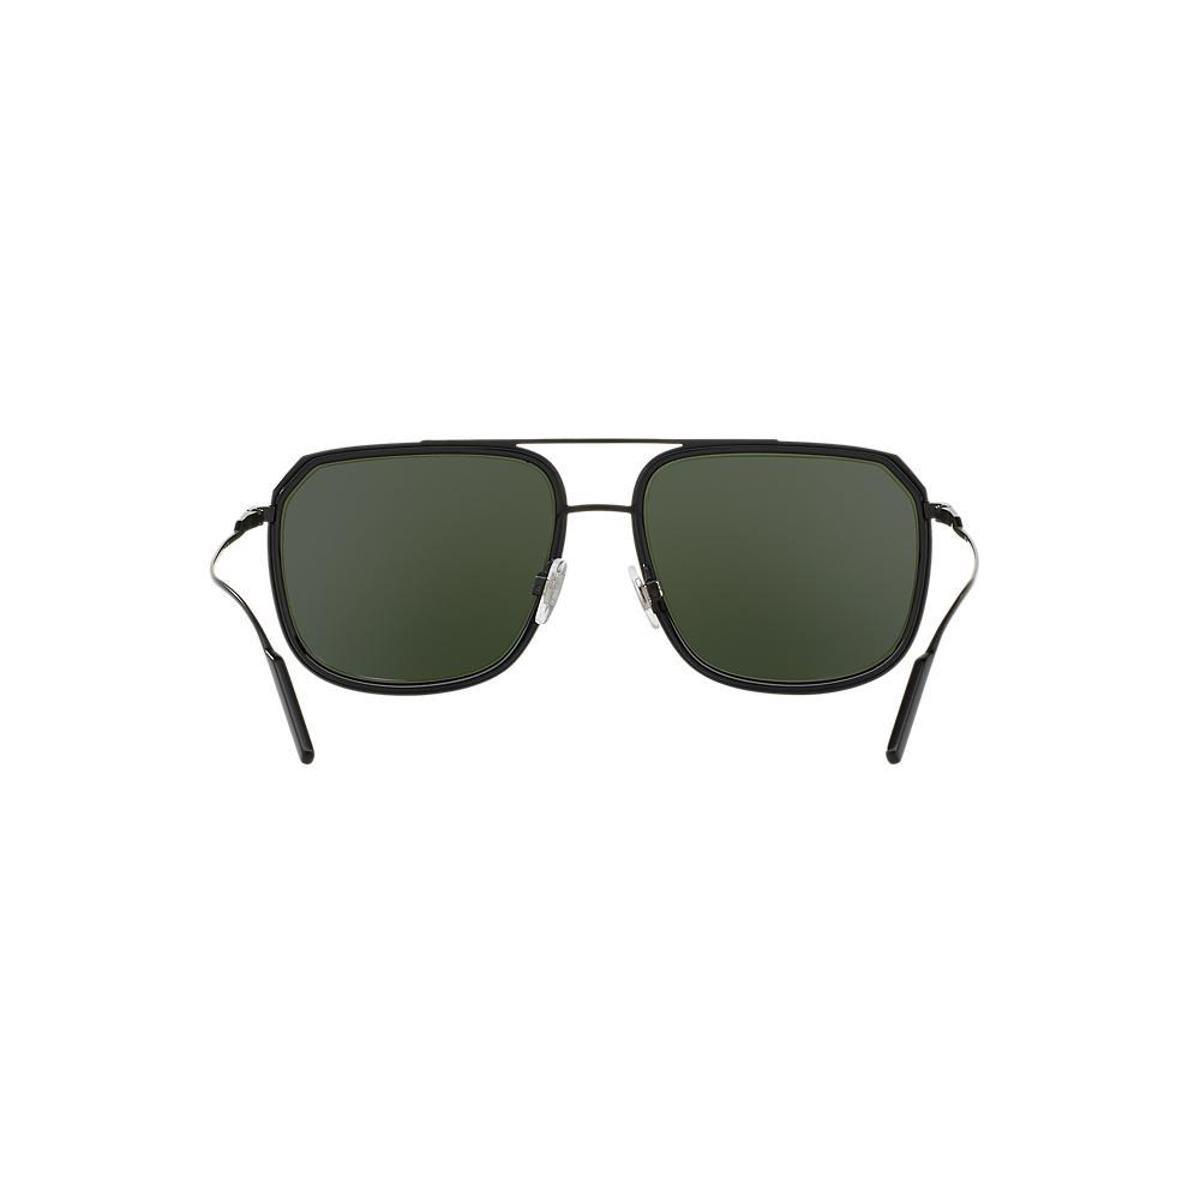 7d6586e5b5f95 Óculos de Sol Dolce   Gabbana Quadrado DG2165 Masculino - Compre ...